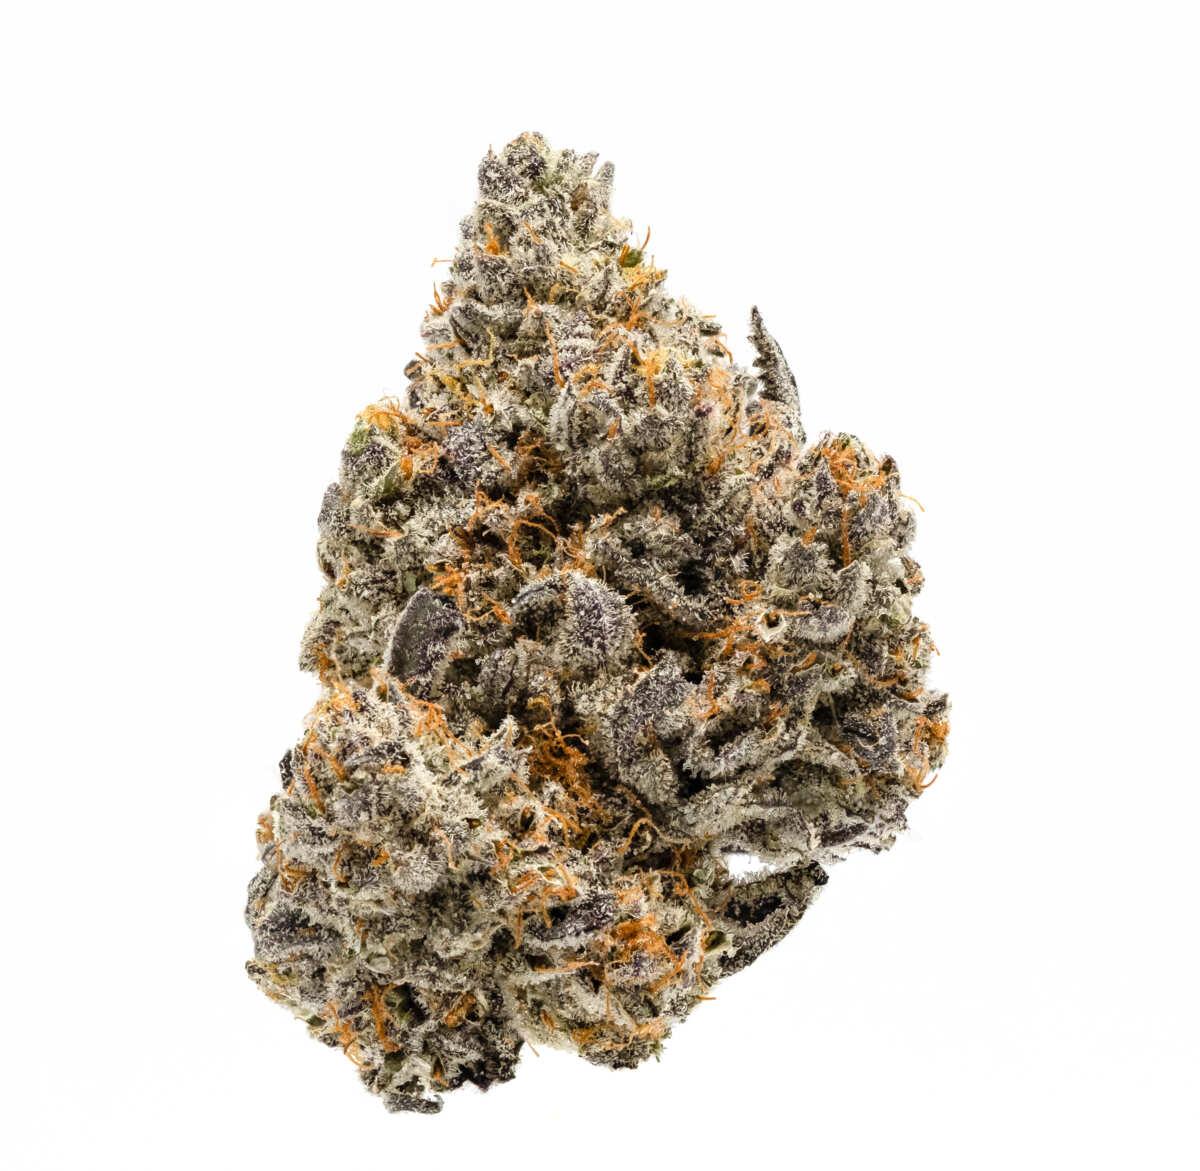 White Buffalo Cannabis Bud On White Background